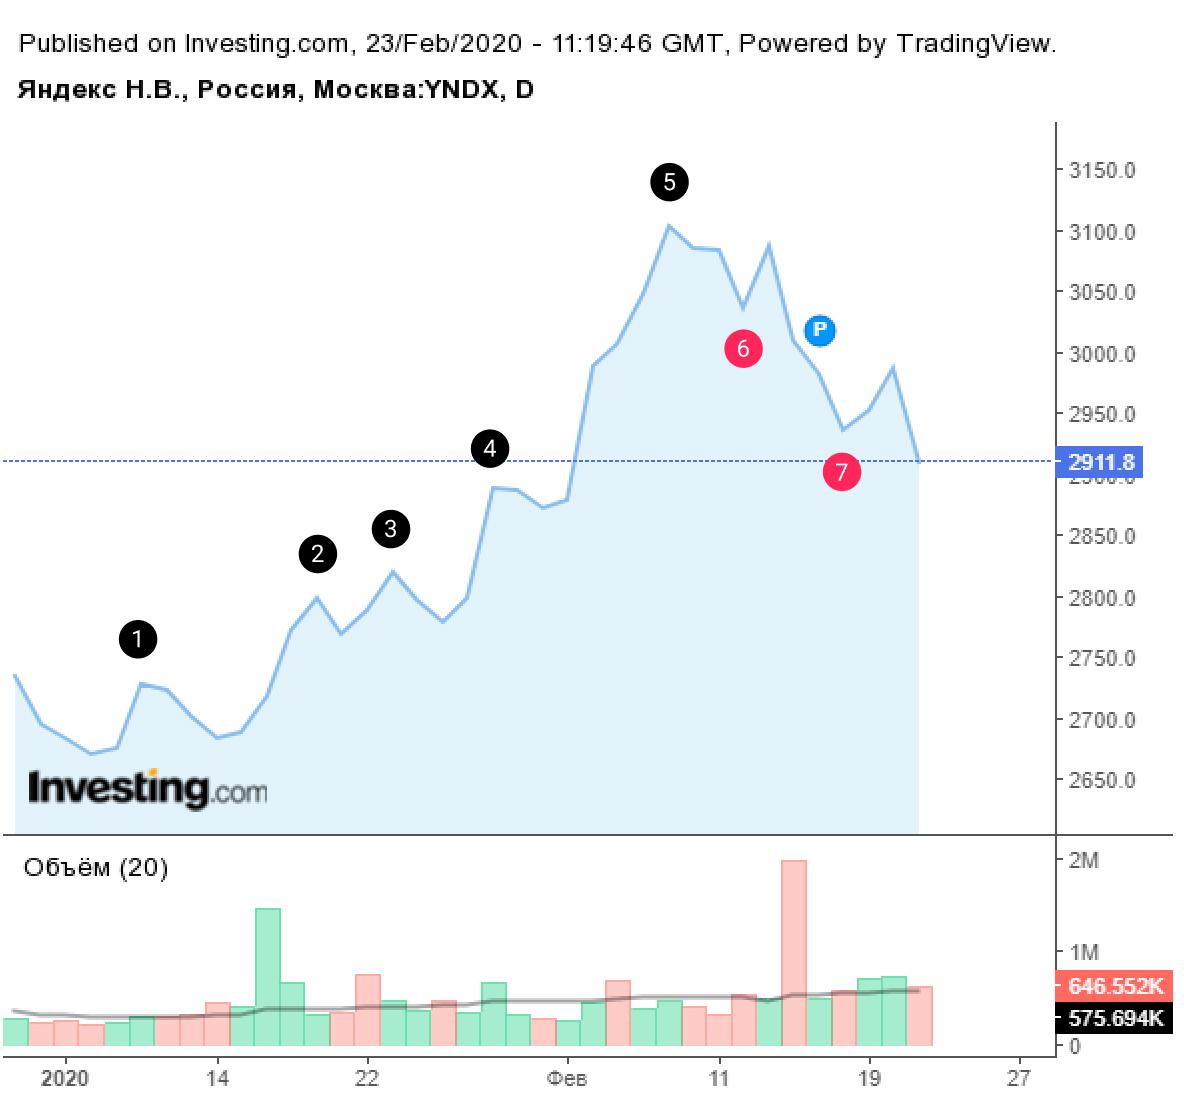 Дневной линейный график акций Яндекса на Московской бирже. Повышающиеся максимумы 1—5 показывают растущий тренд с 6 января по 7 февраля. 14 февраля растущий тренд был сломлен, и дальше на графике появились понижающиеся минимумы6 и 7